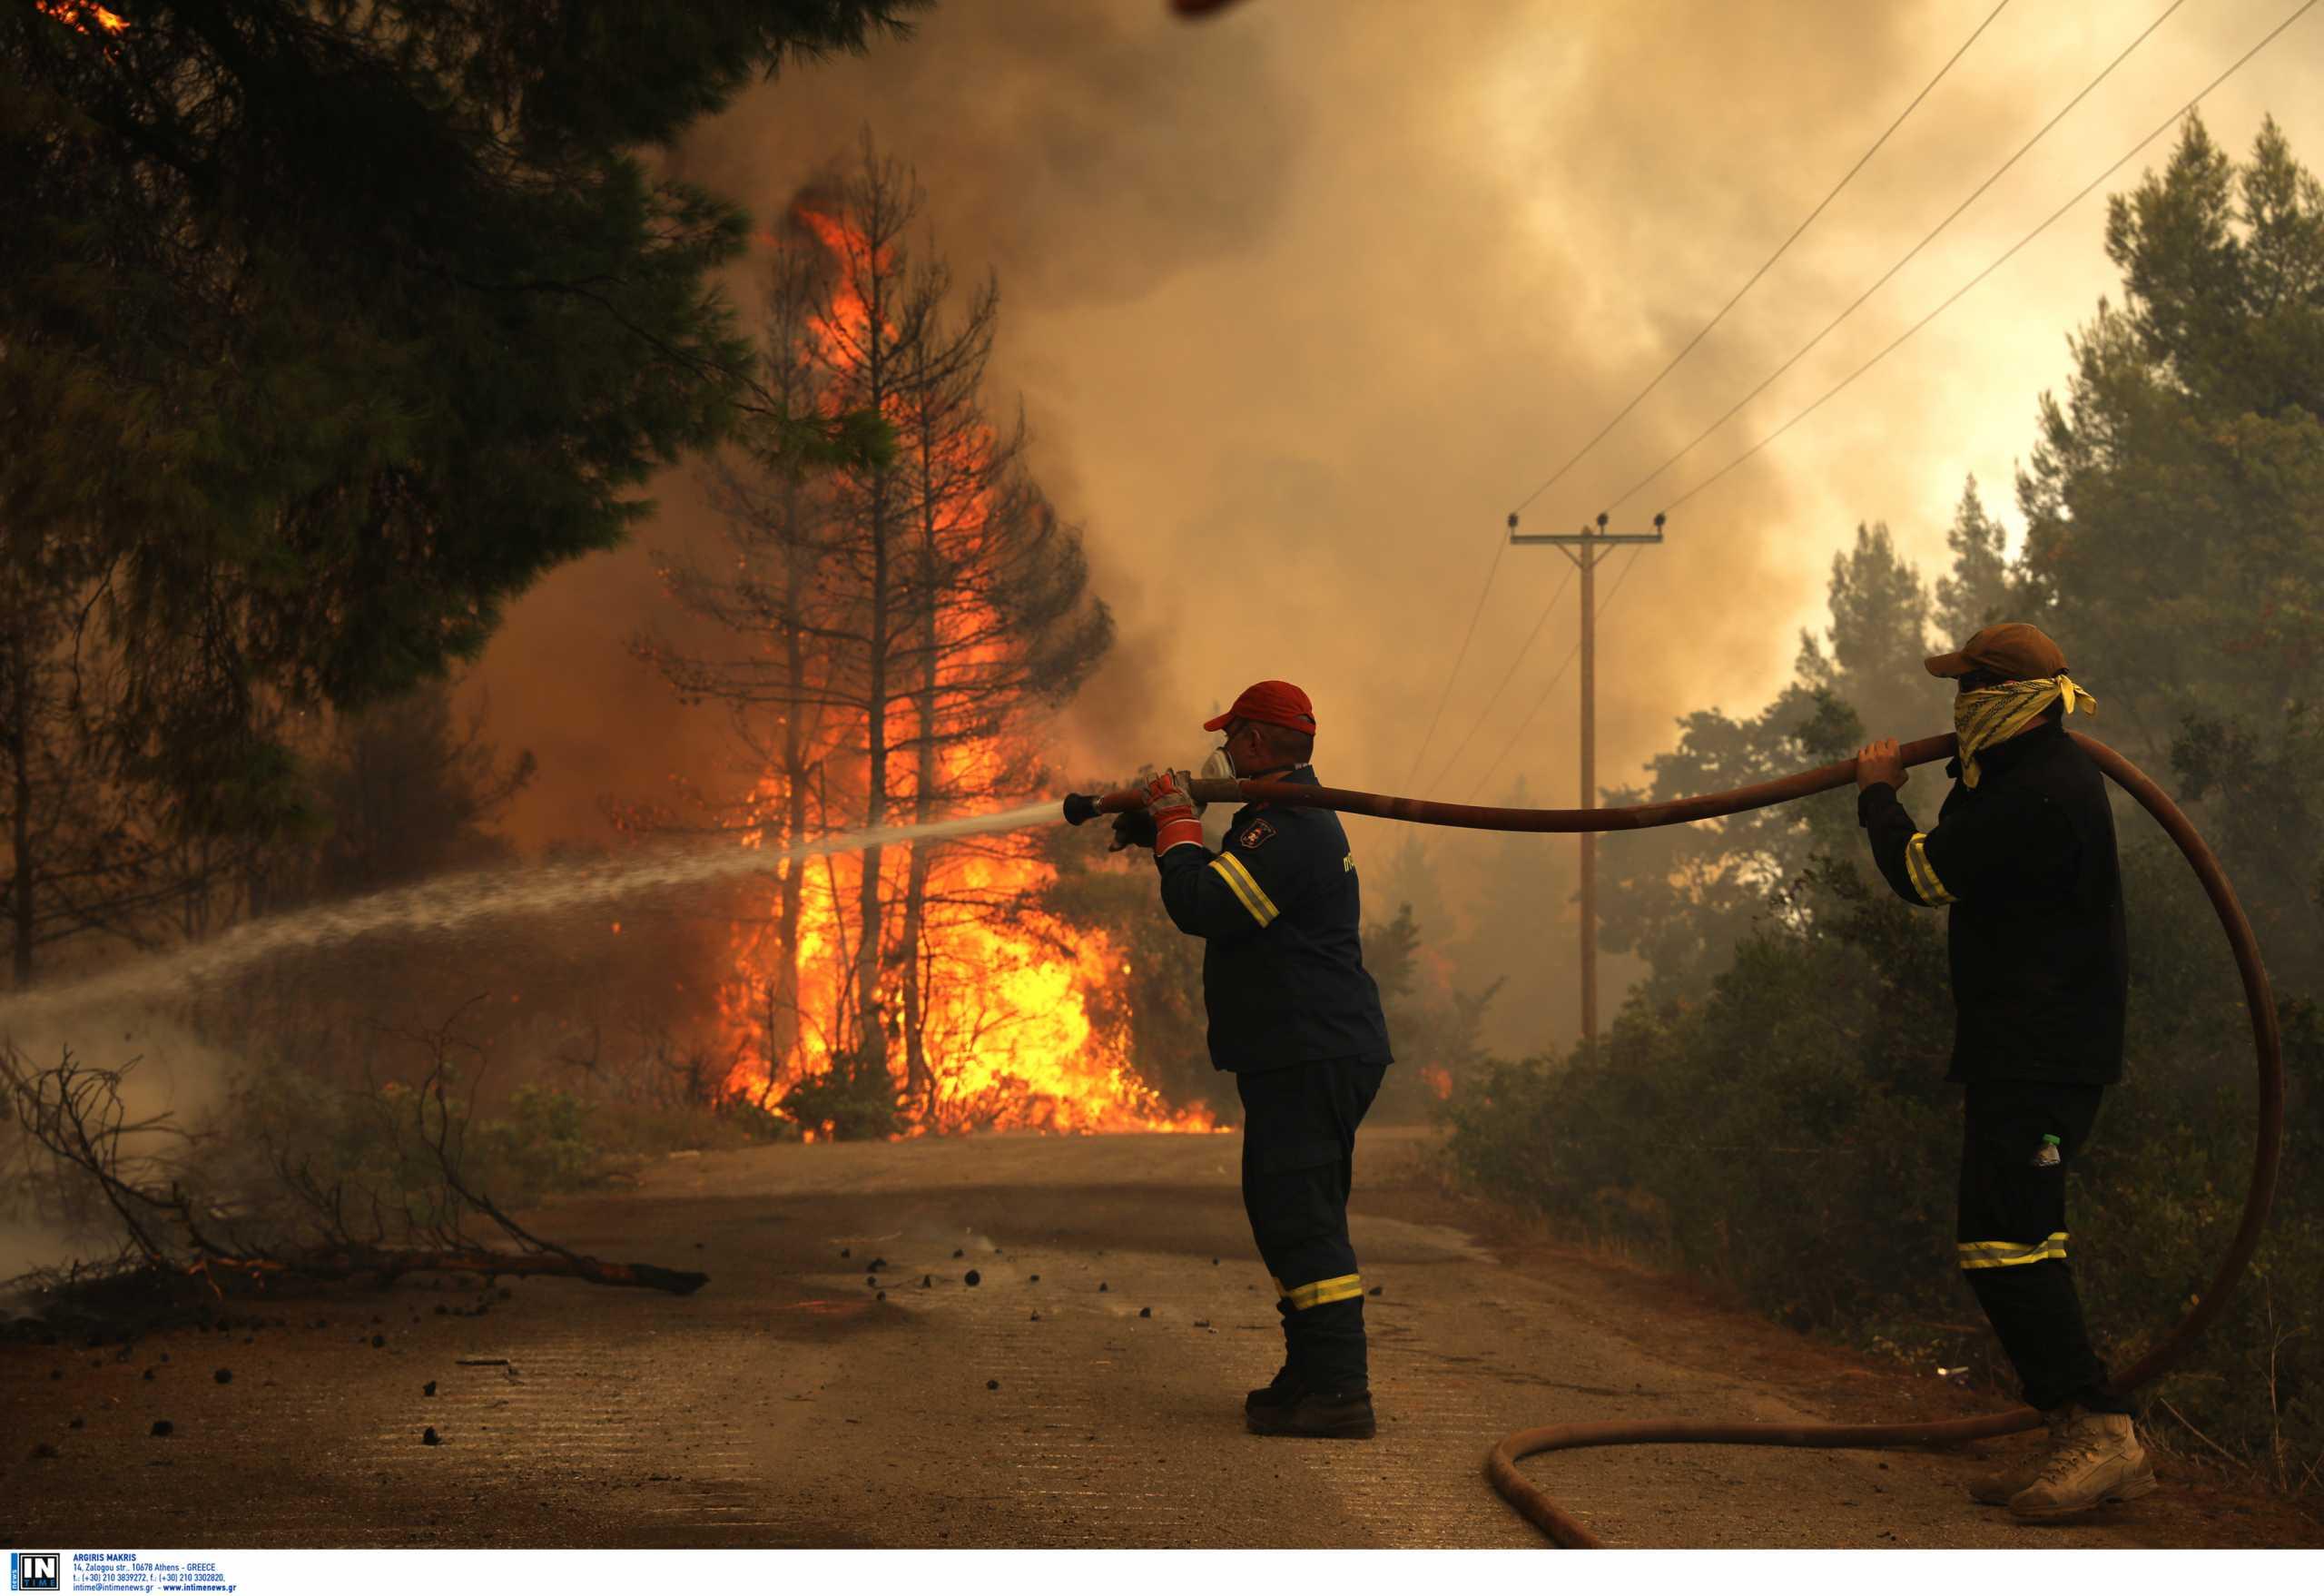 Σε ετοιμότητα βρίσκονται οι Γάλλοι πυροσβέστες για να αντιμετωπίσουν τις φωτιές στην Ελλάδα